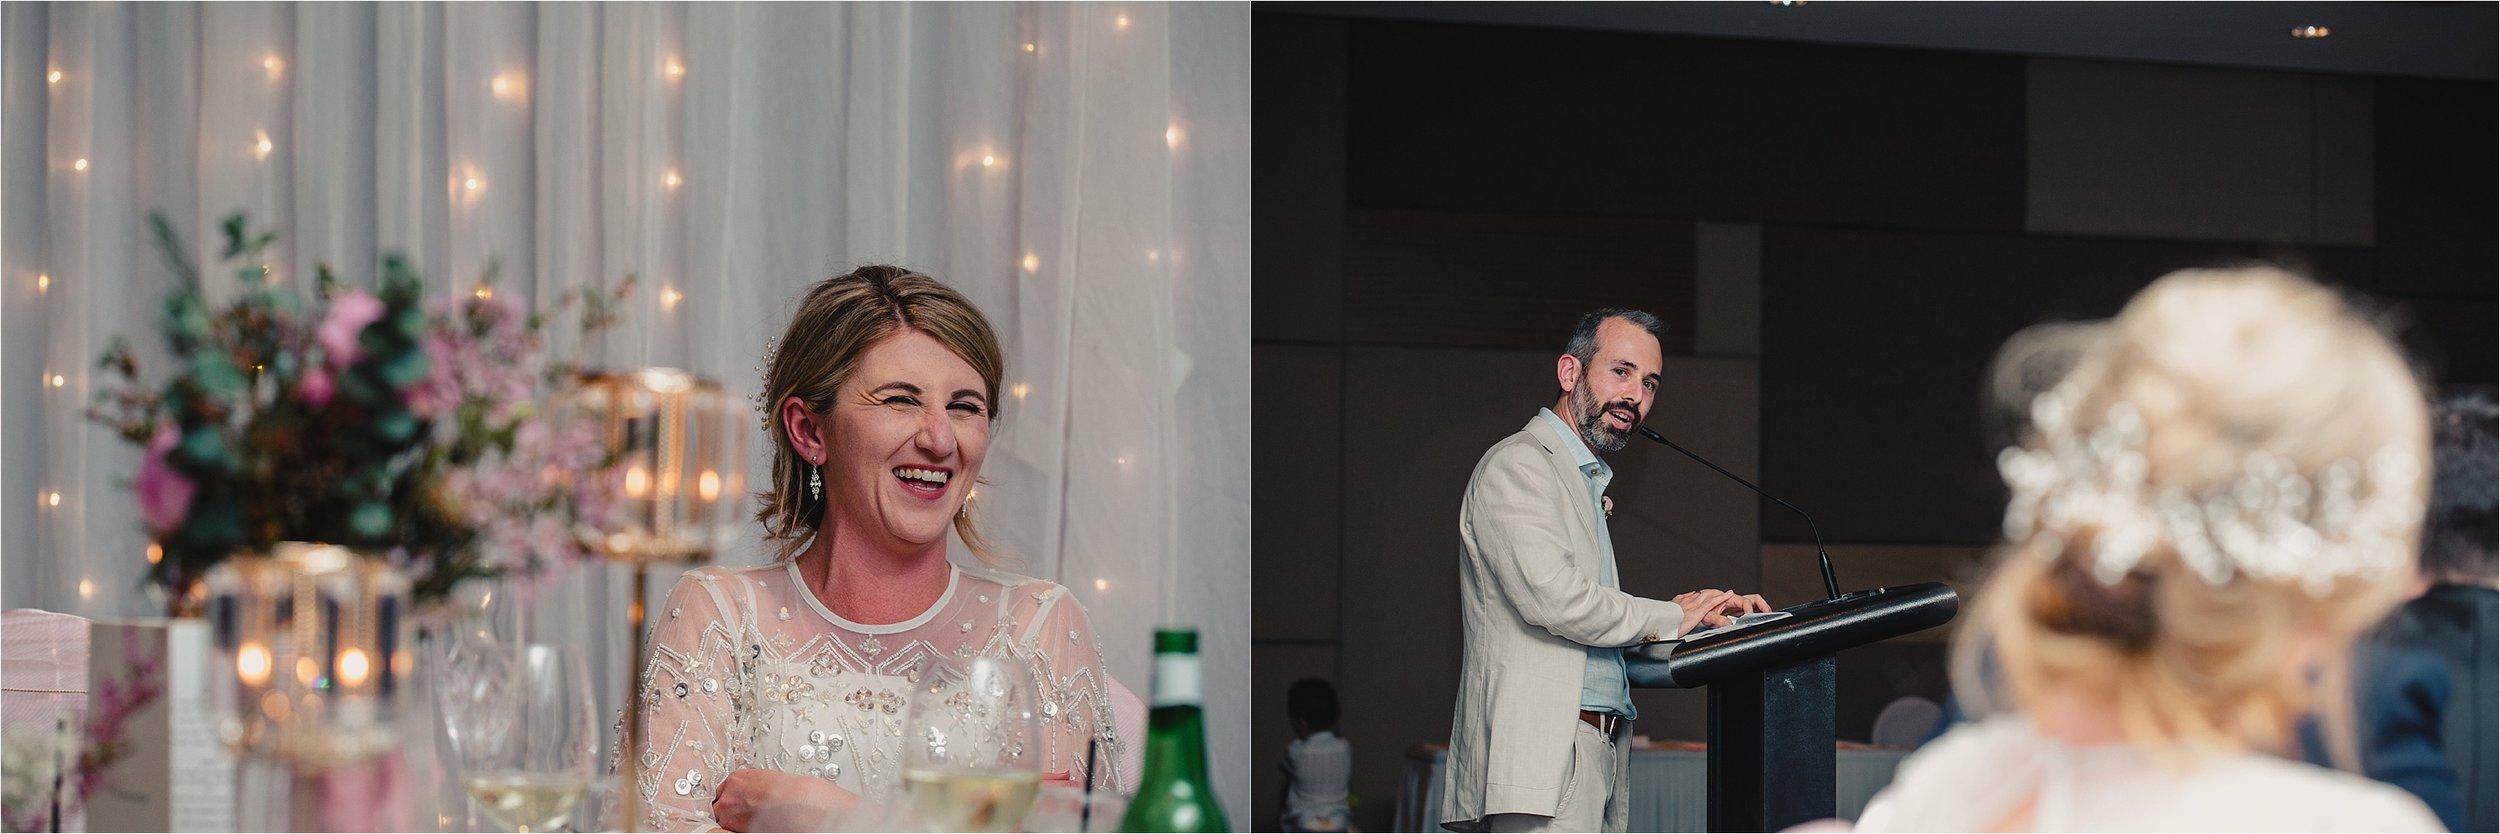 Salt - Kingscliffe - Wedding - speeches.jpg